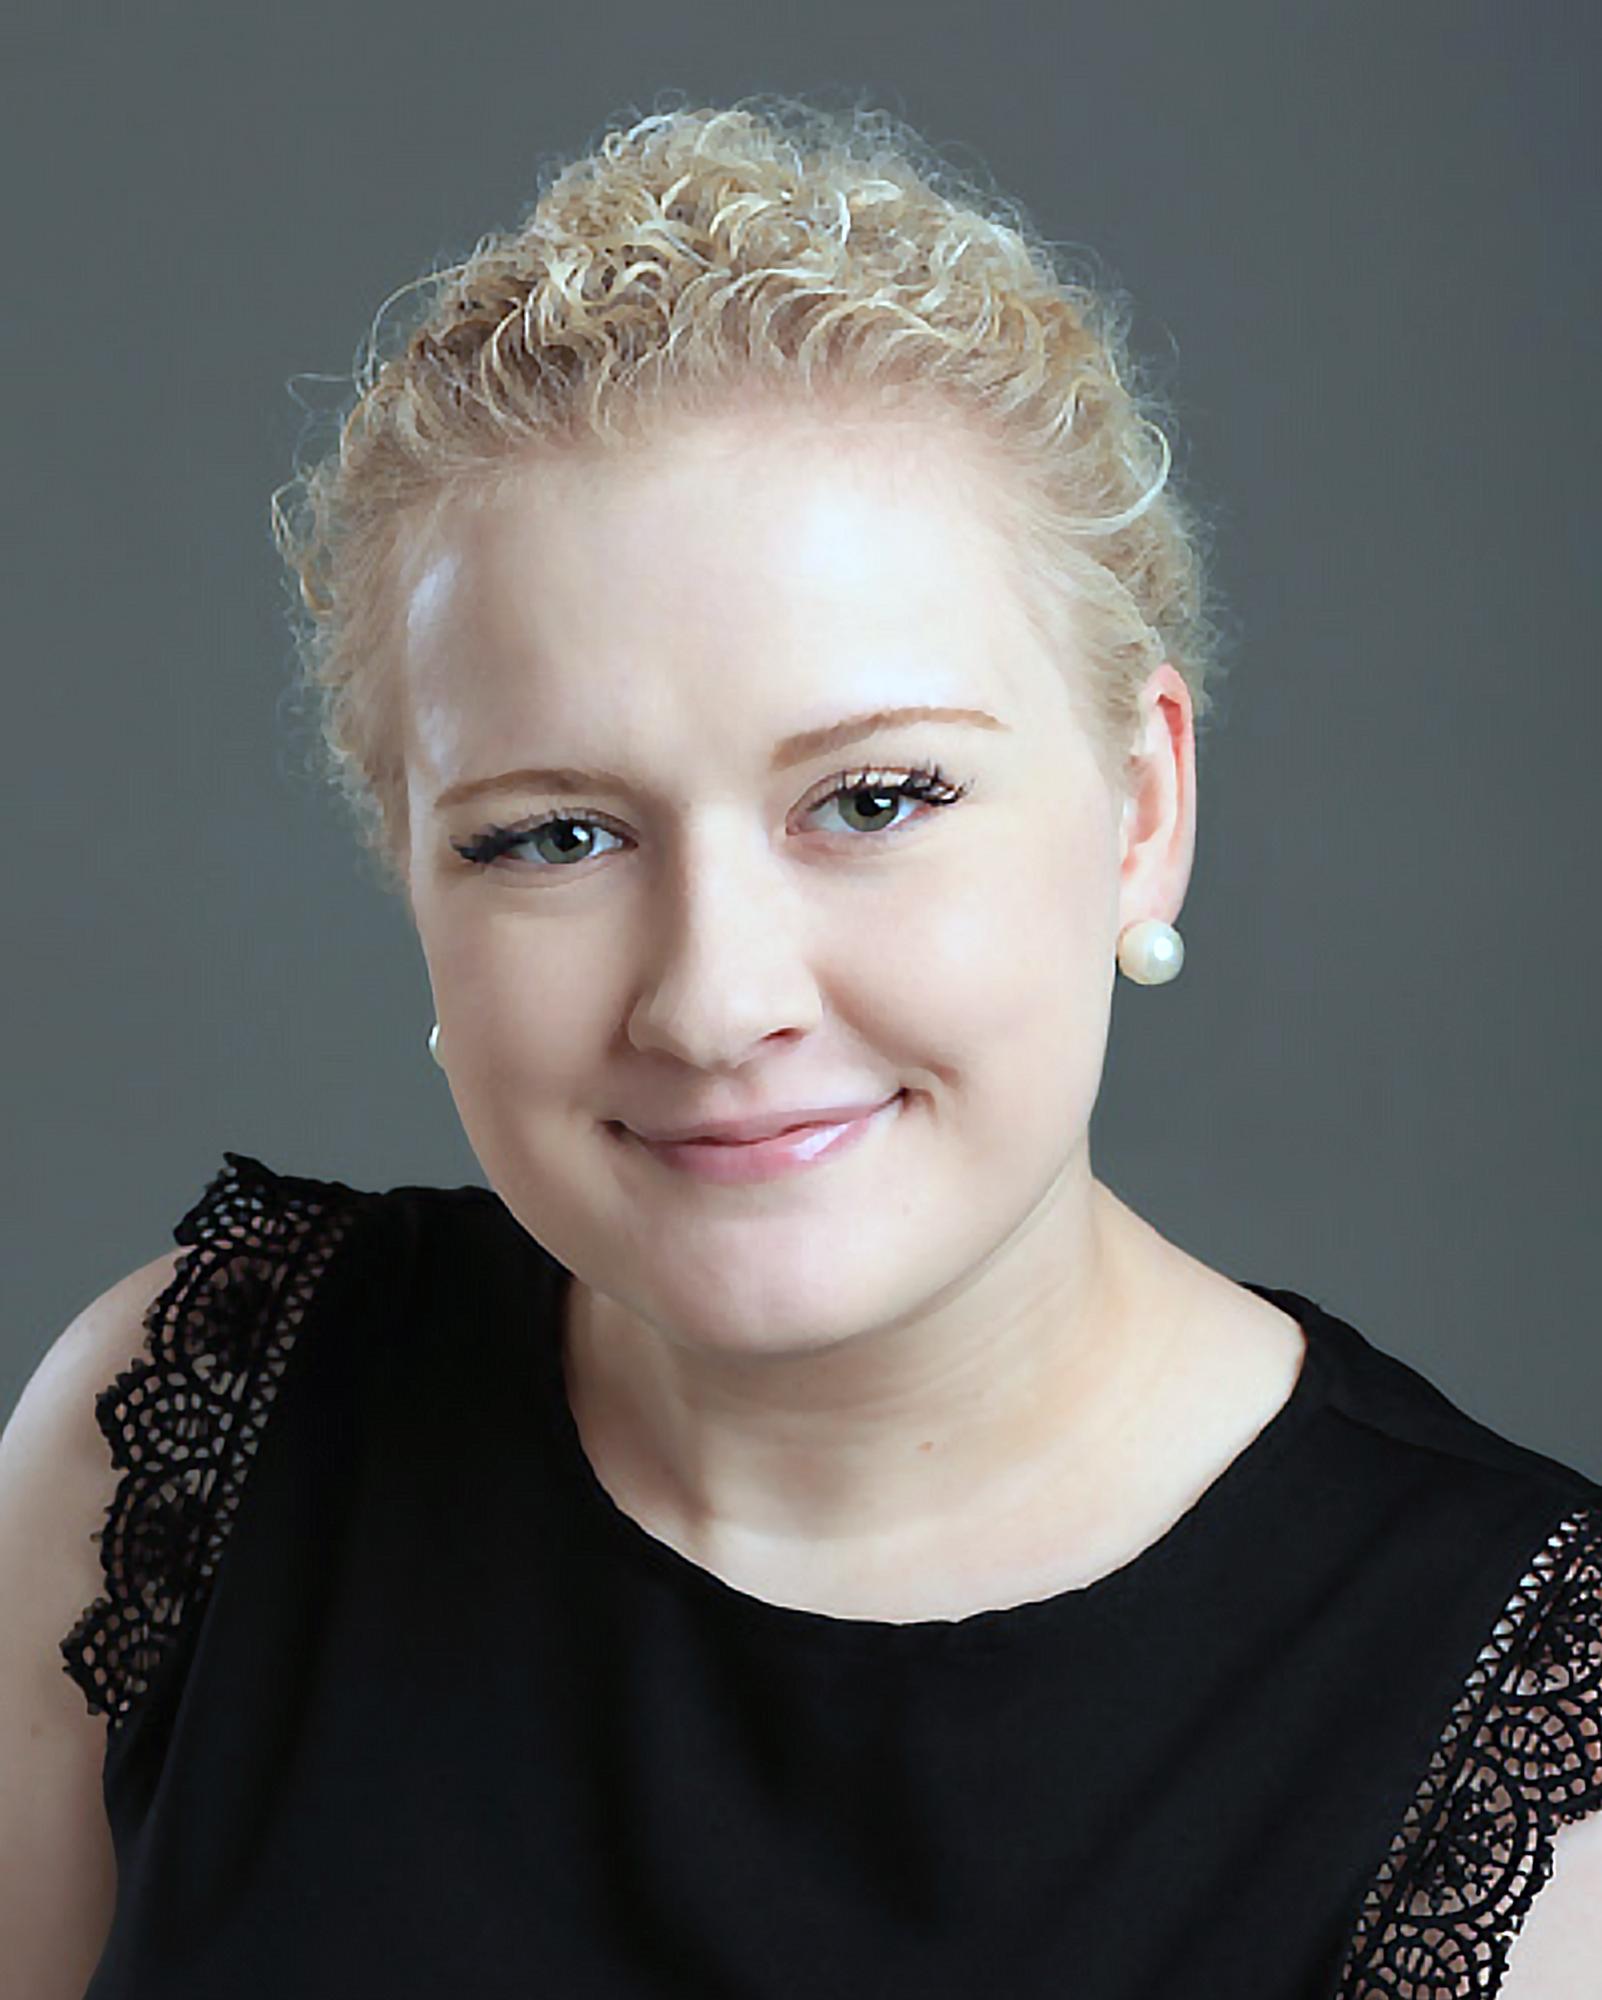 Abigail Anderson, DCTC graduate